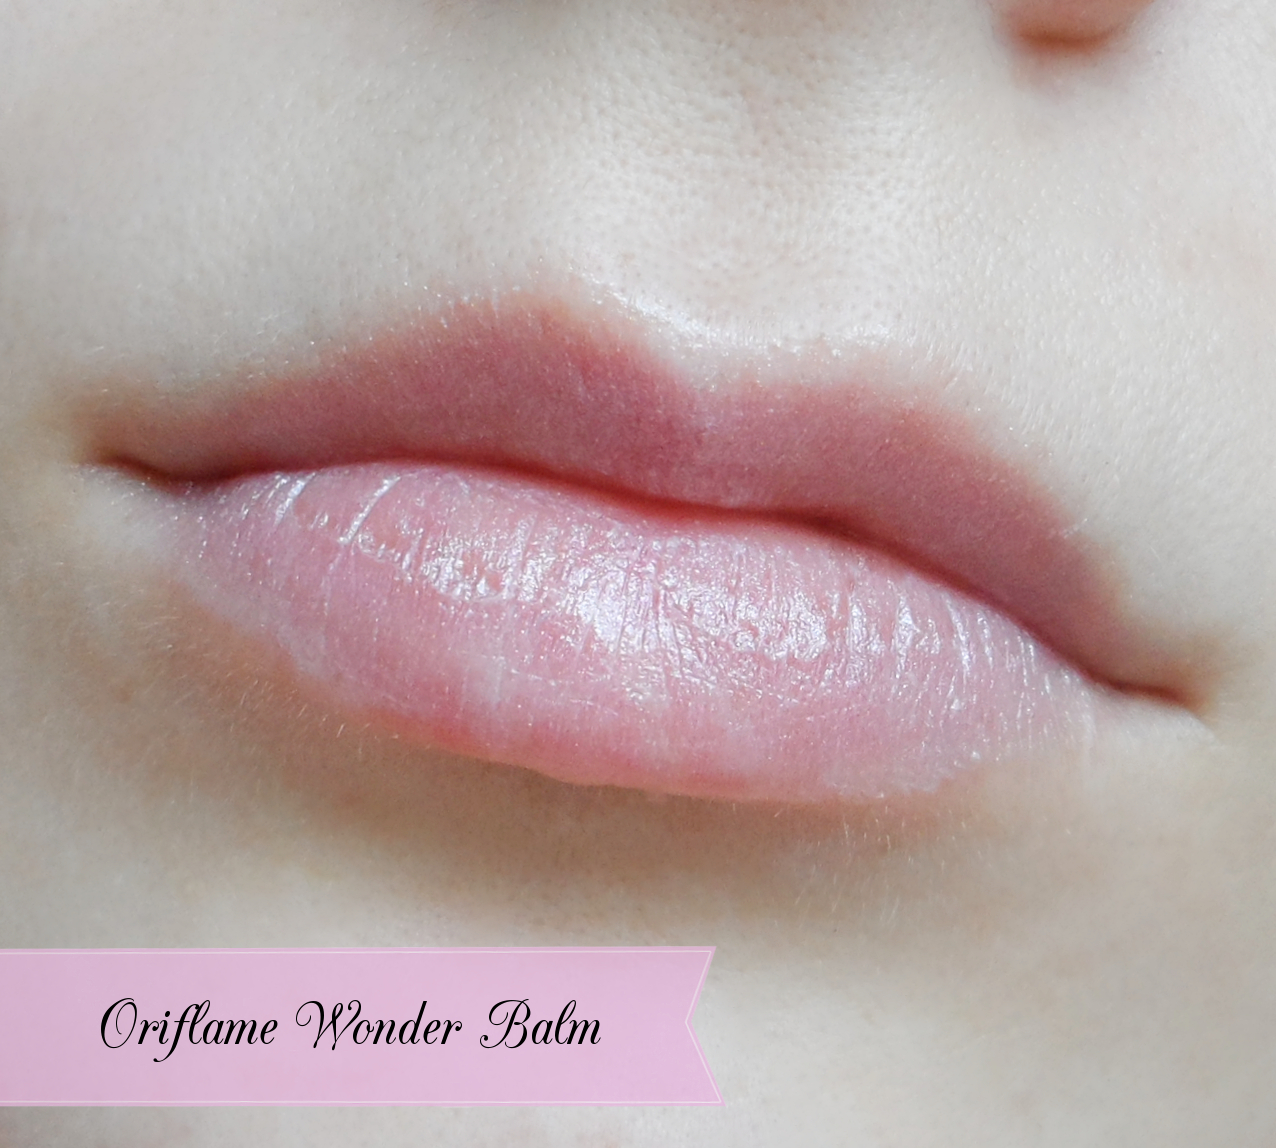 lip balm by oriflame